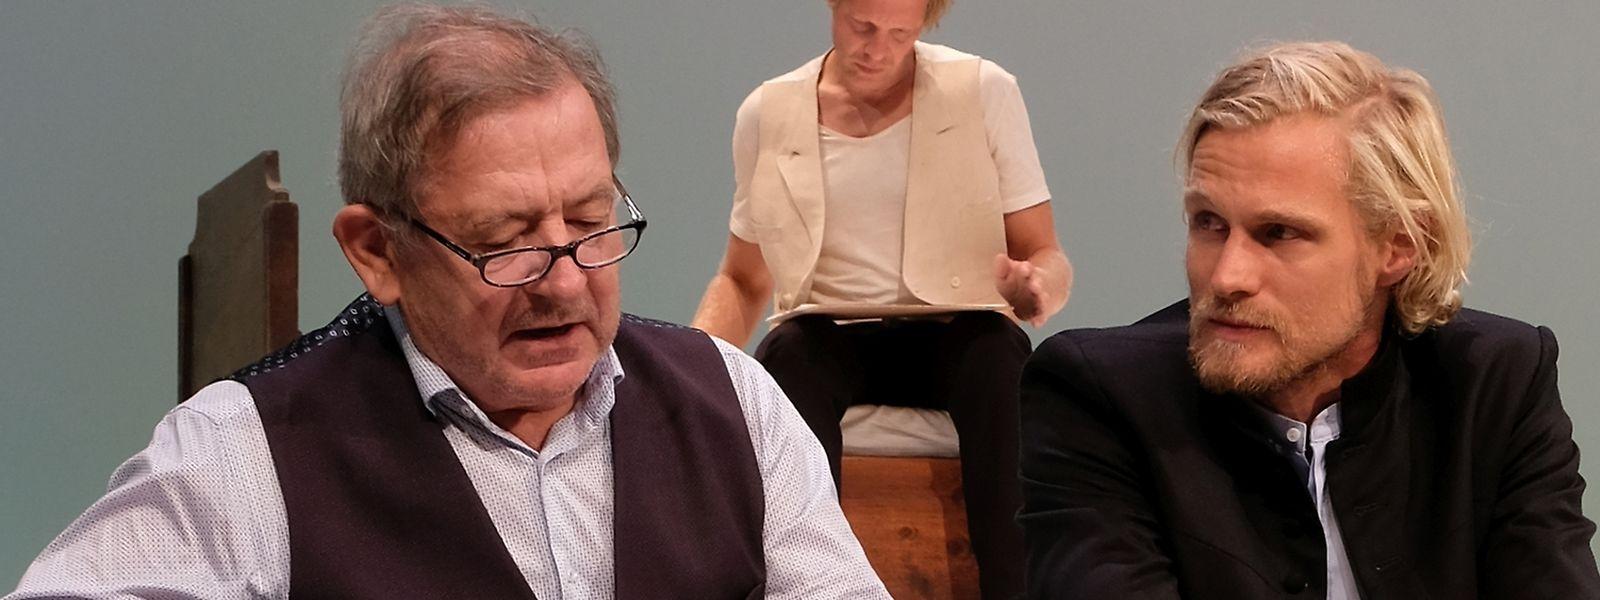 André Jung, Jirka Zett und Jan Bluthardt (vlnr) in einer Szene aus Lenz, nach der Erzählung von Georg Büchner, am Schauspielhaus Zürich.